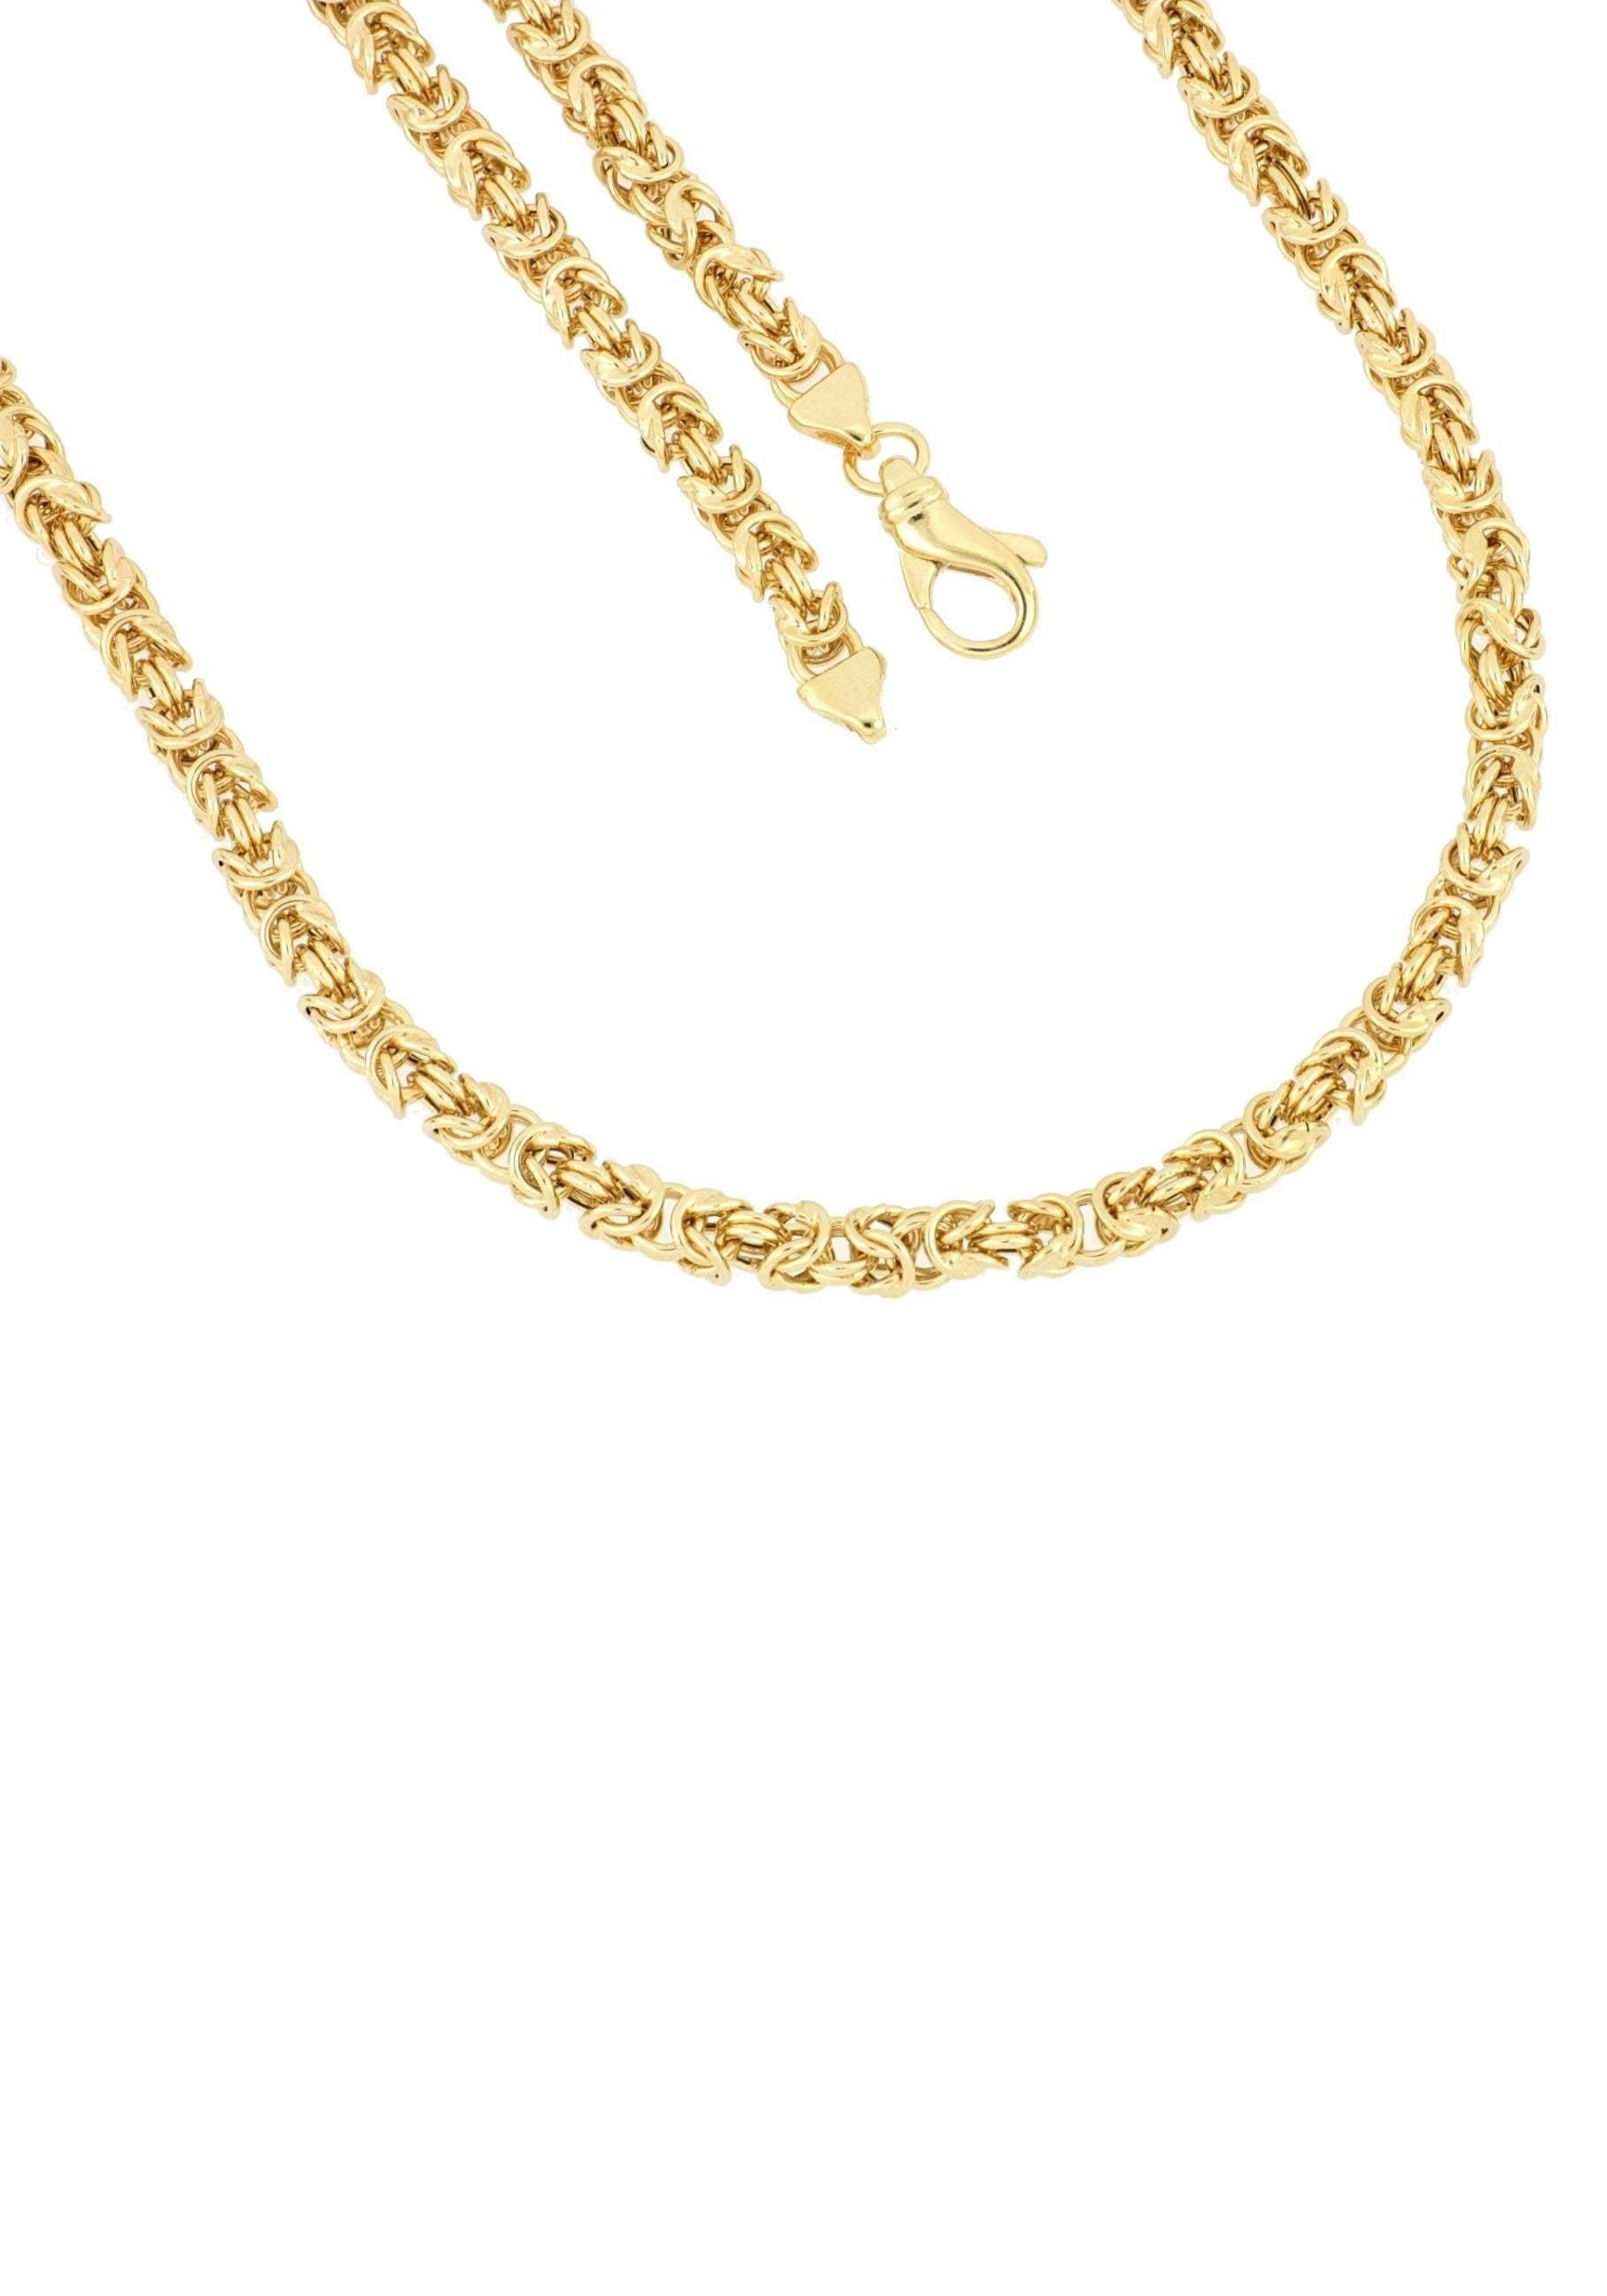 Firetti Kette ohne Anhänger in Königskettengliederung 50 mm glänzend vergoldet quadratisch | Schmuck > Halsketten | Firetti